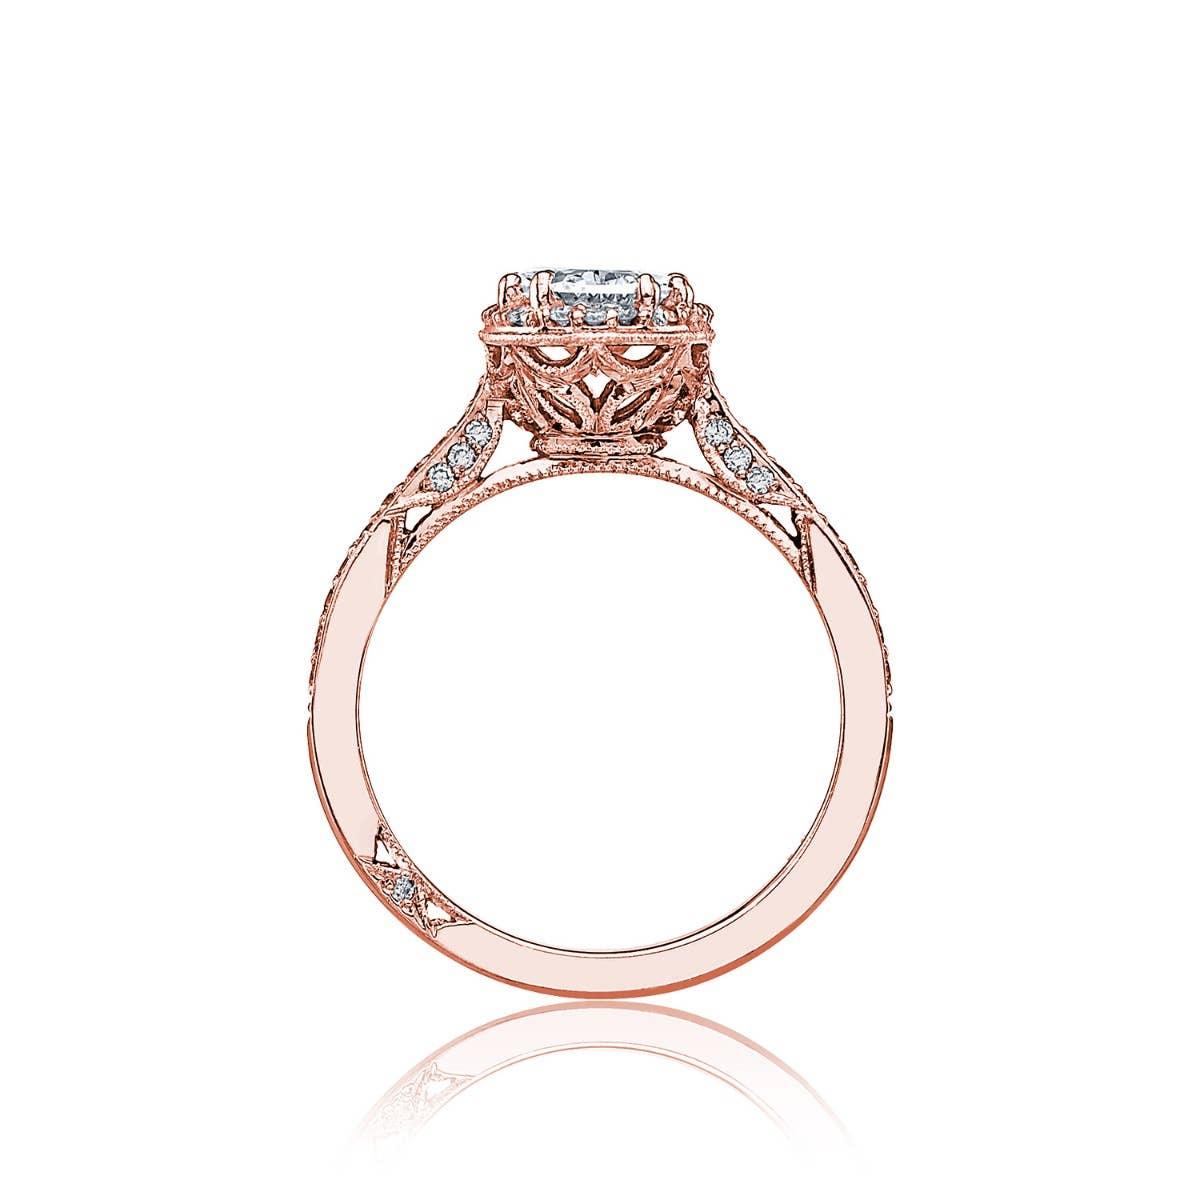 Dantela engagement ring by Tacori on white background